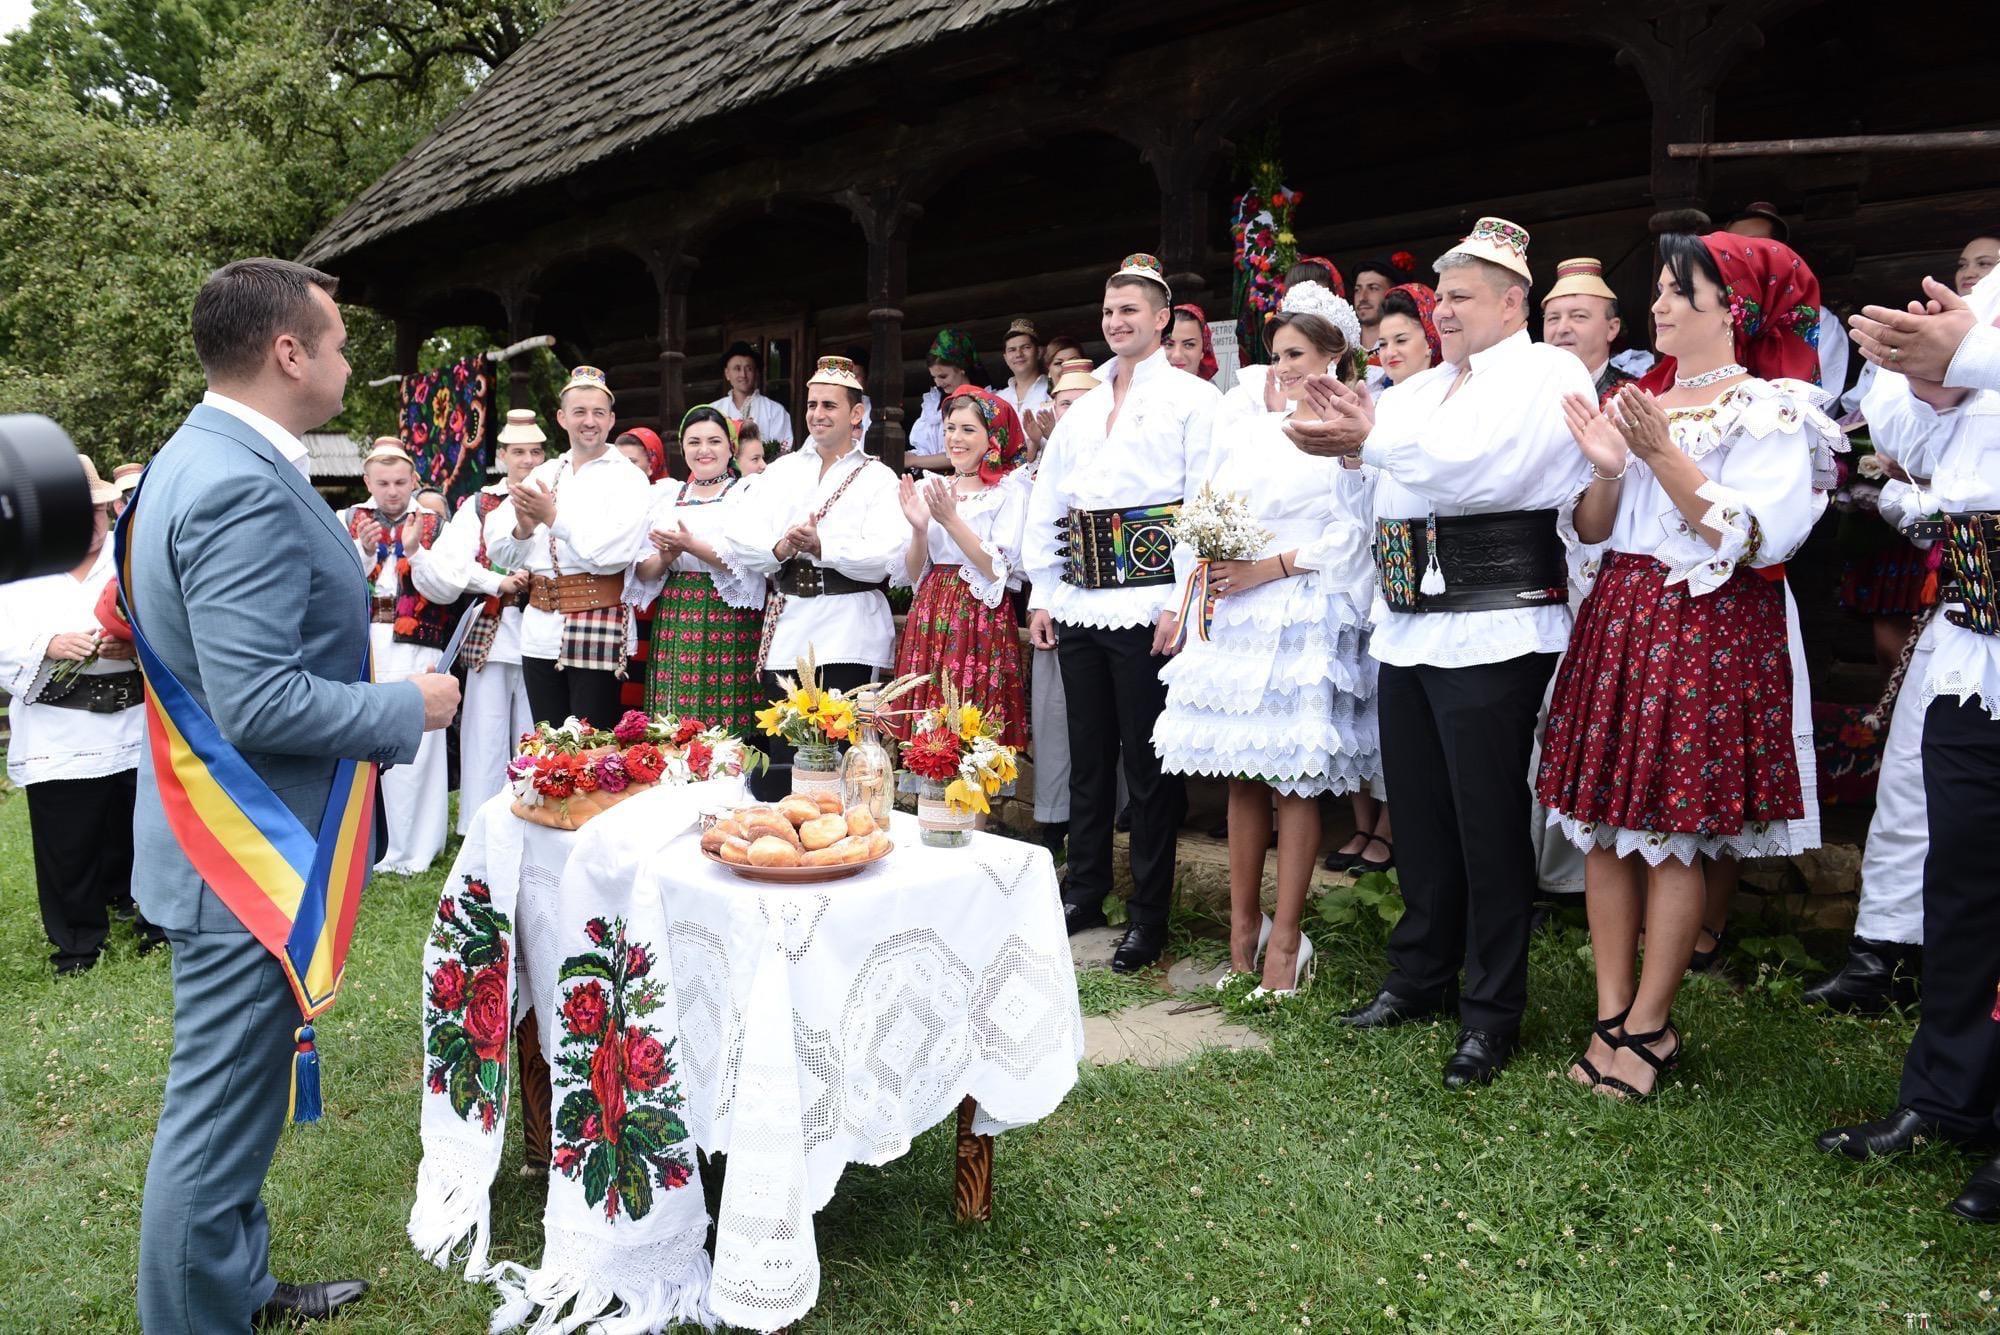 Povești Nunți Tradiționale - Florentina Vlad și Lemnean Ionuț. Cununie tradițională în Baia Mare 16